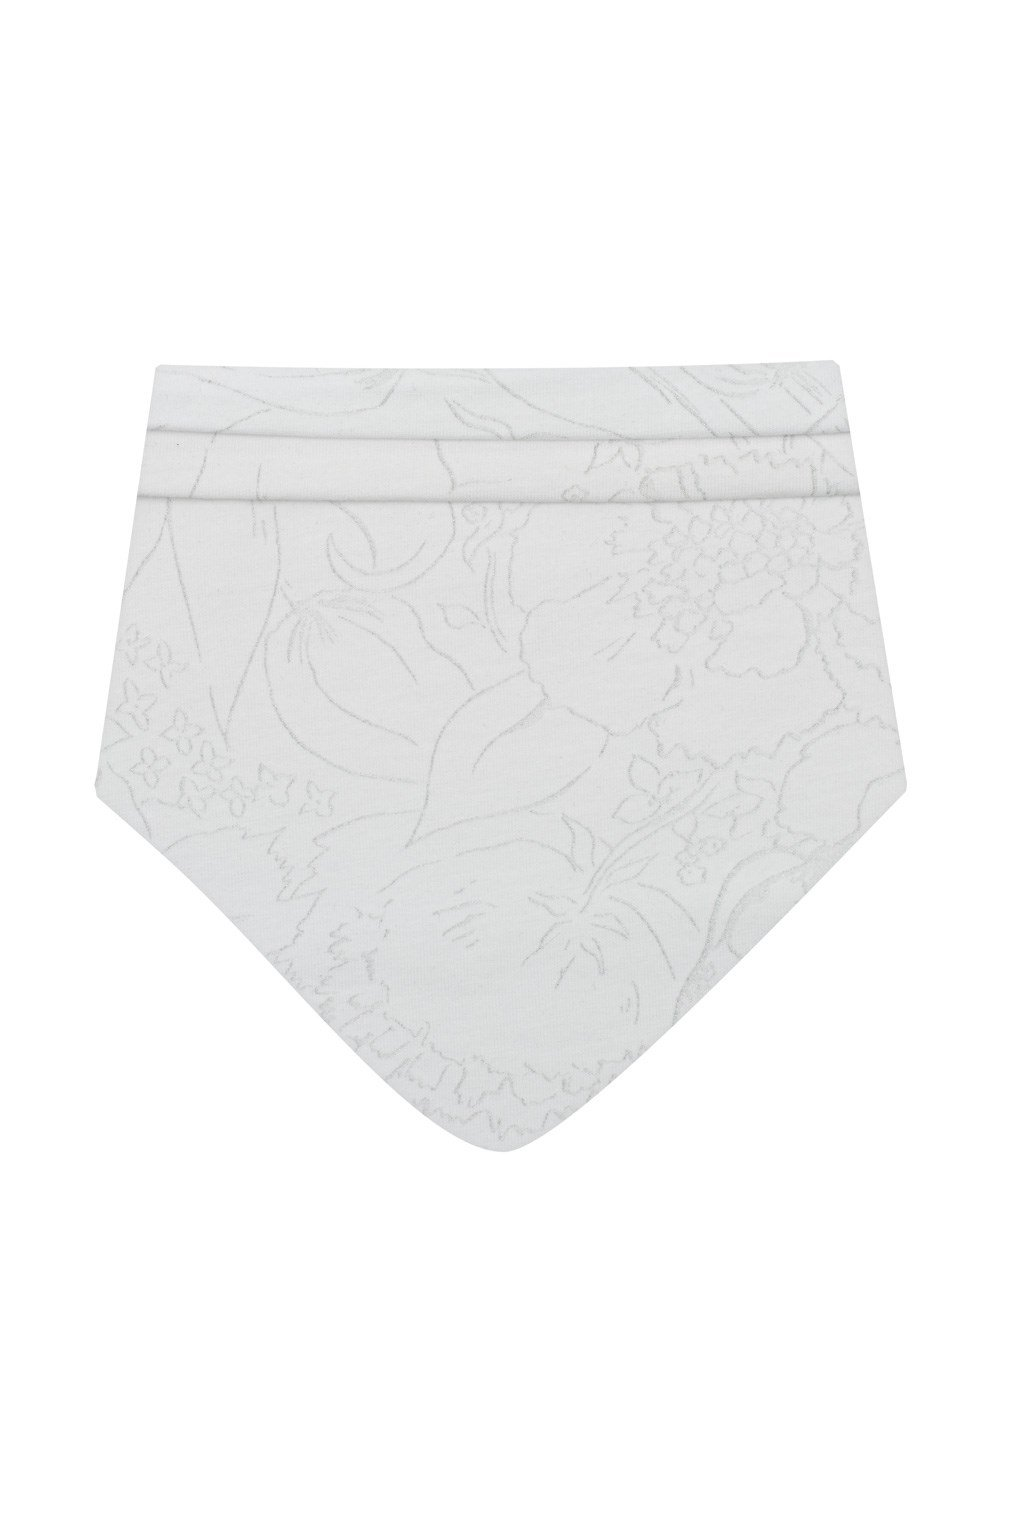 Dojčenská bavlnená šatka na krk New Baby NUNU biela S